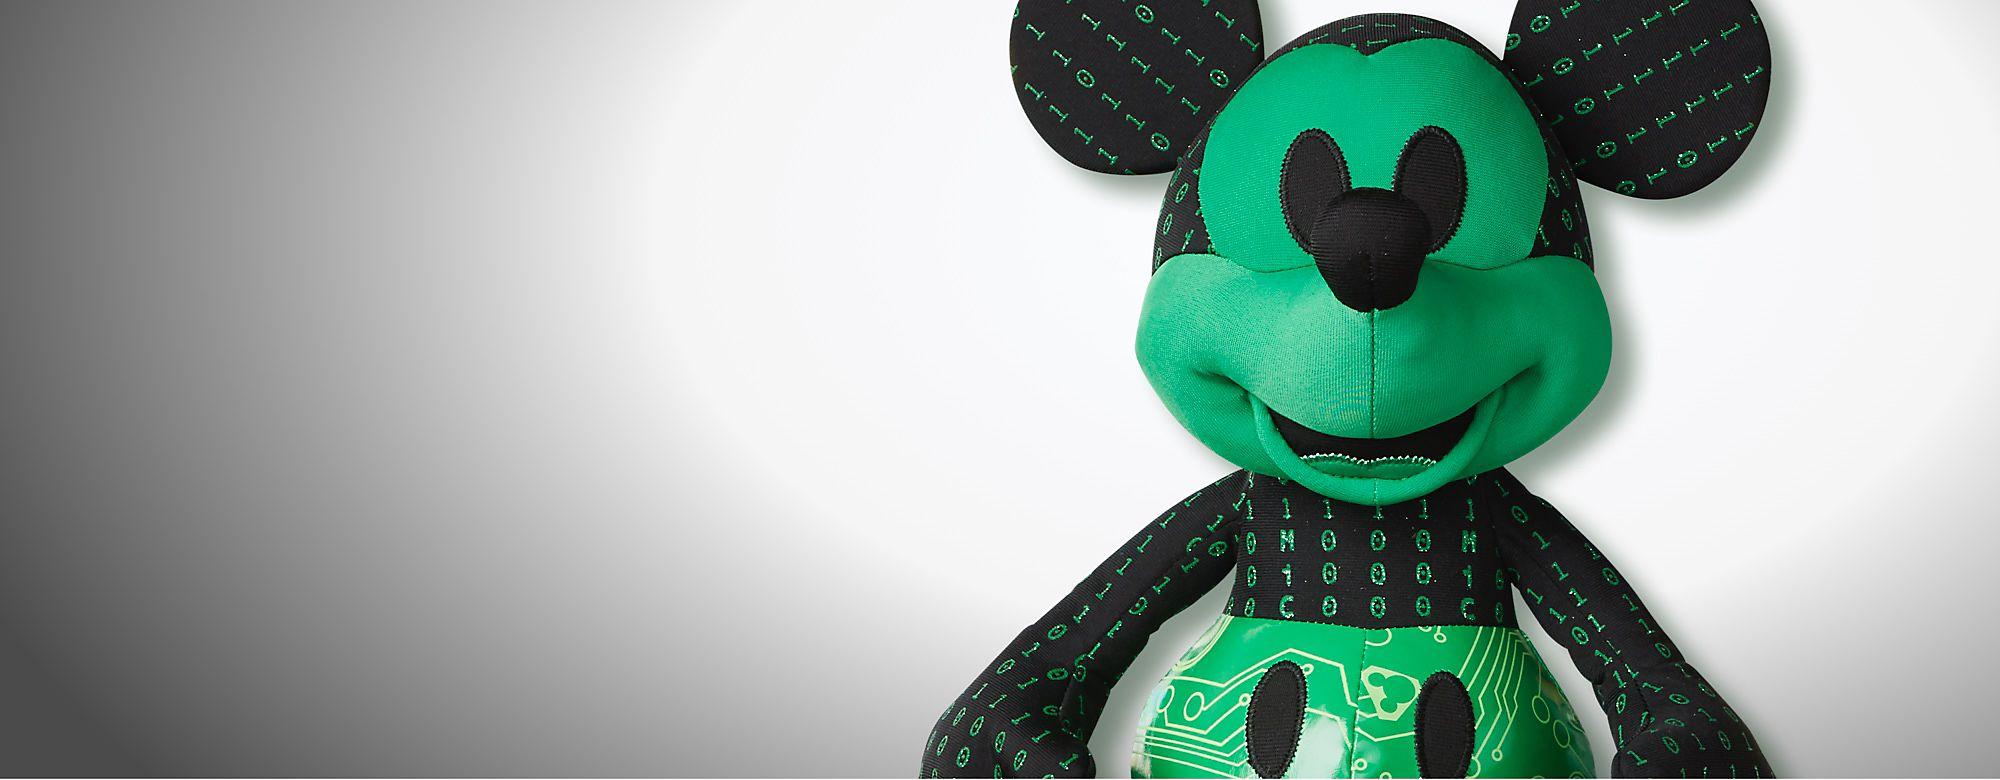 Souvenirs de Mickey Rejoignez la fête d'anniversaire de l'icône de Disney, Mickey Mouse en personne. DÉCOUVRIR